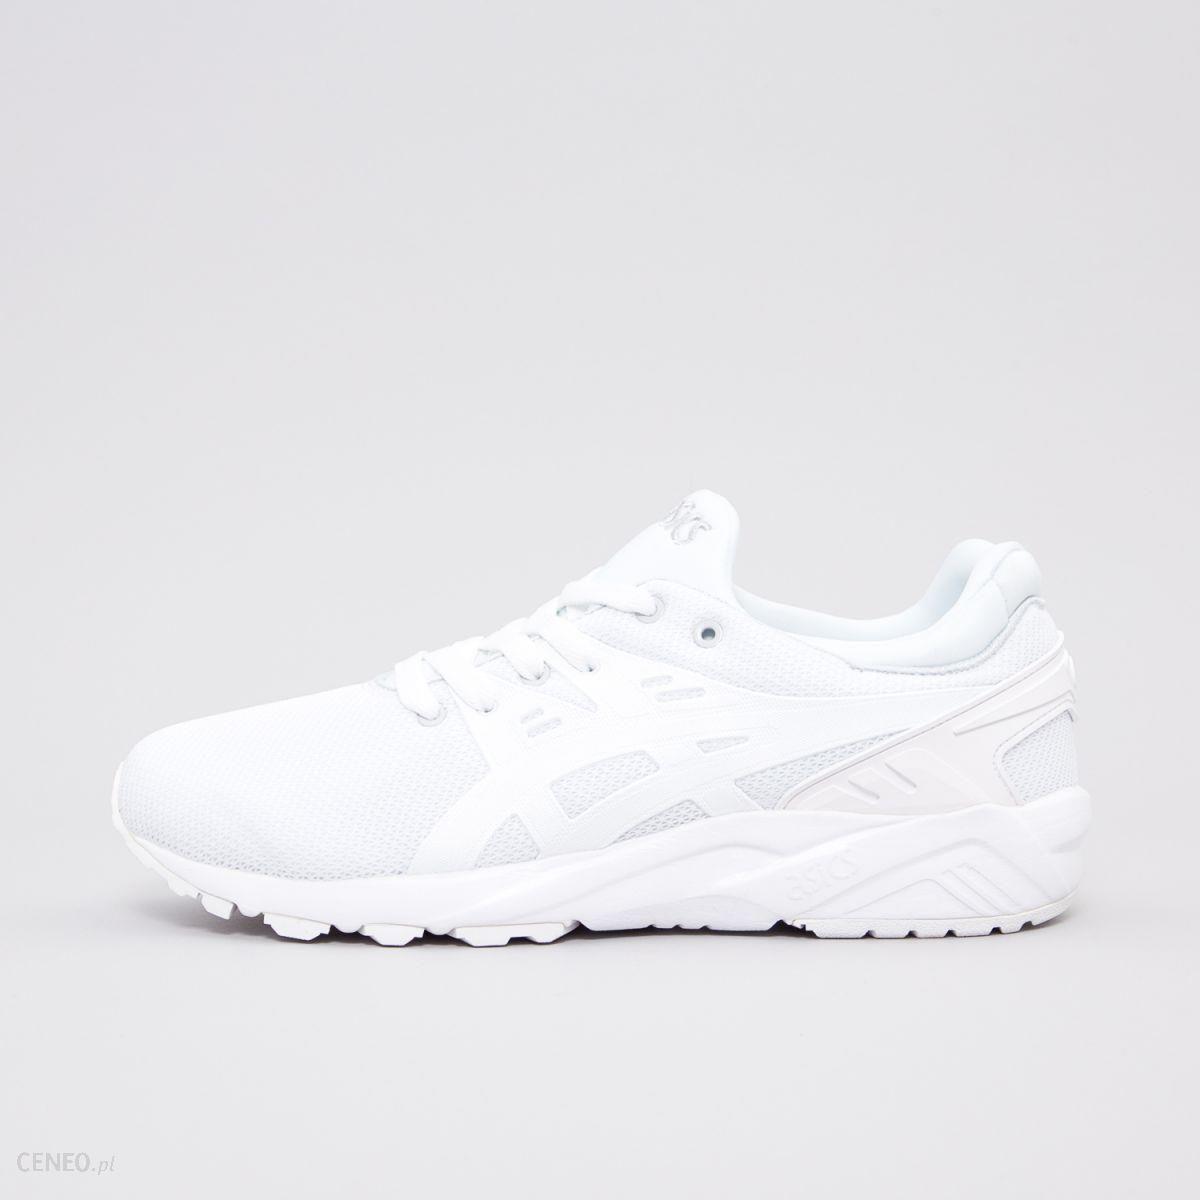 DamskieMęskie Asics Gel Kayano Trainer Evo H707N 0101 biały